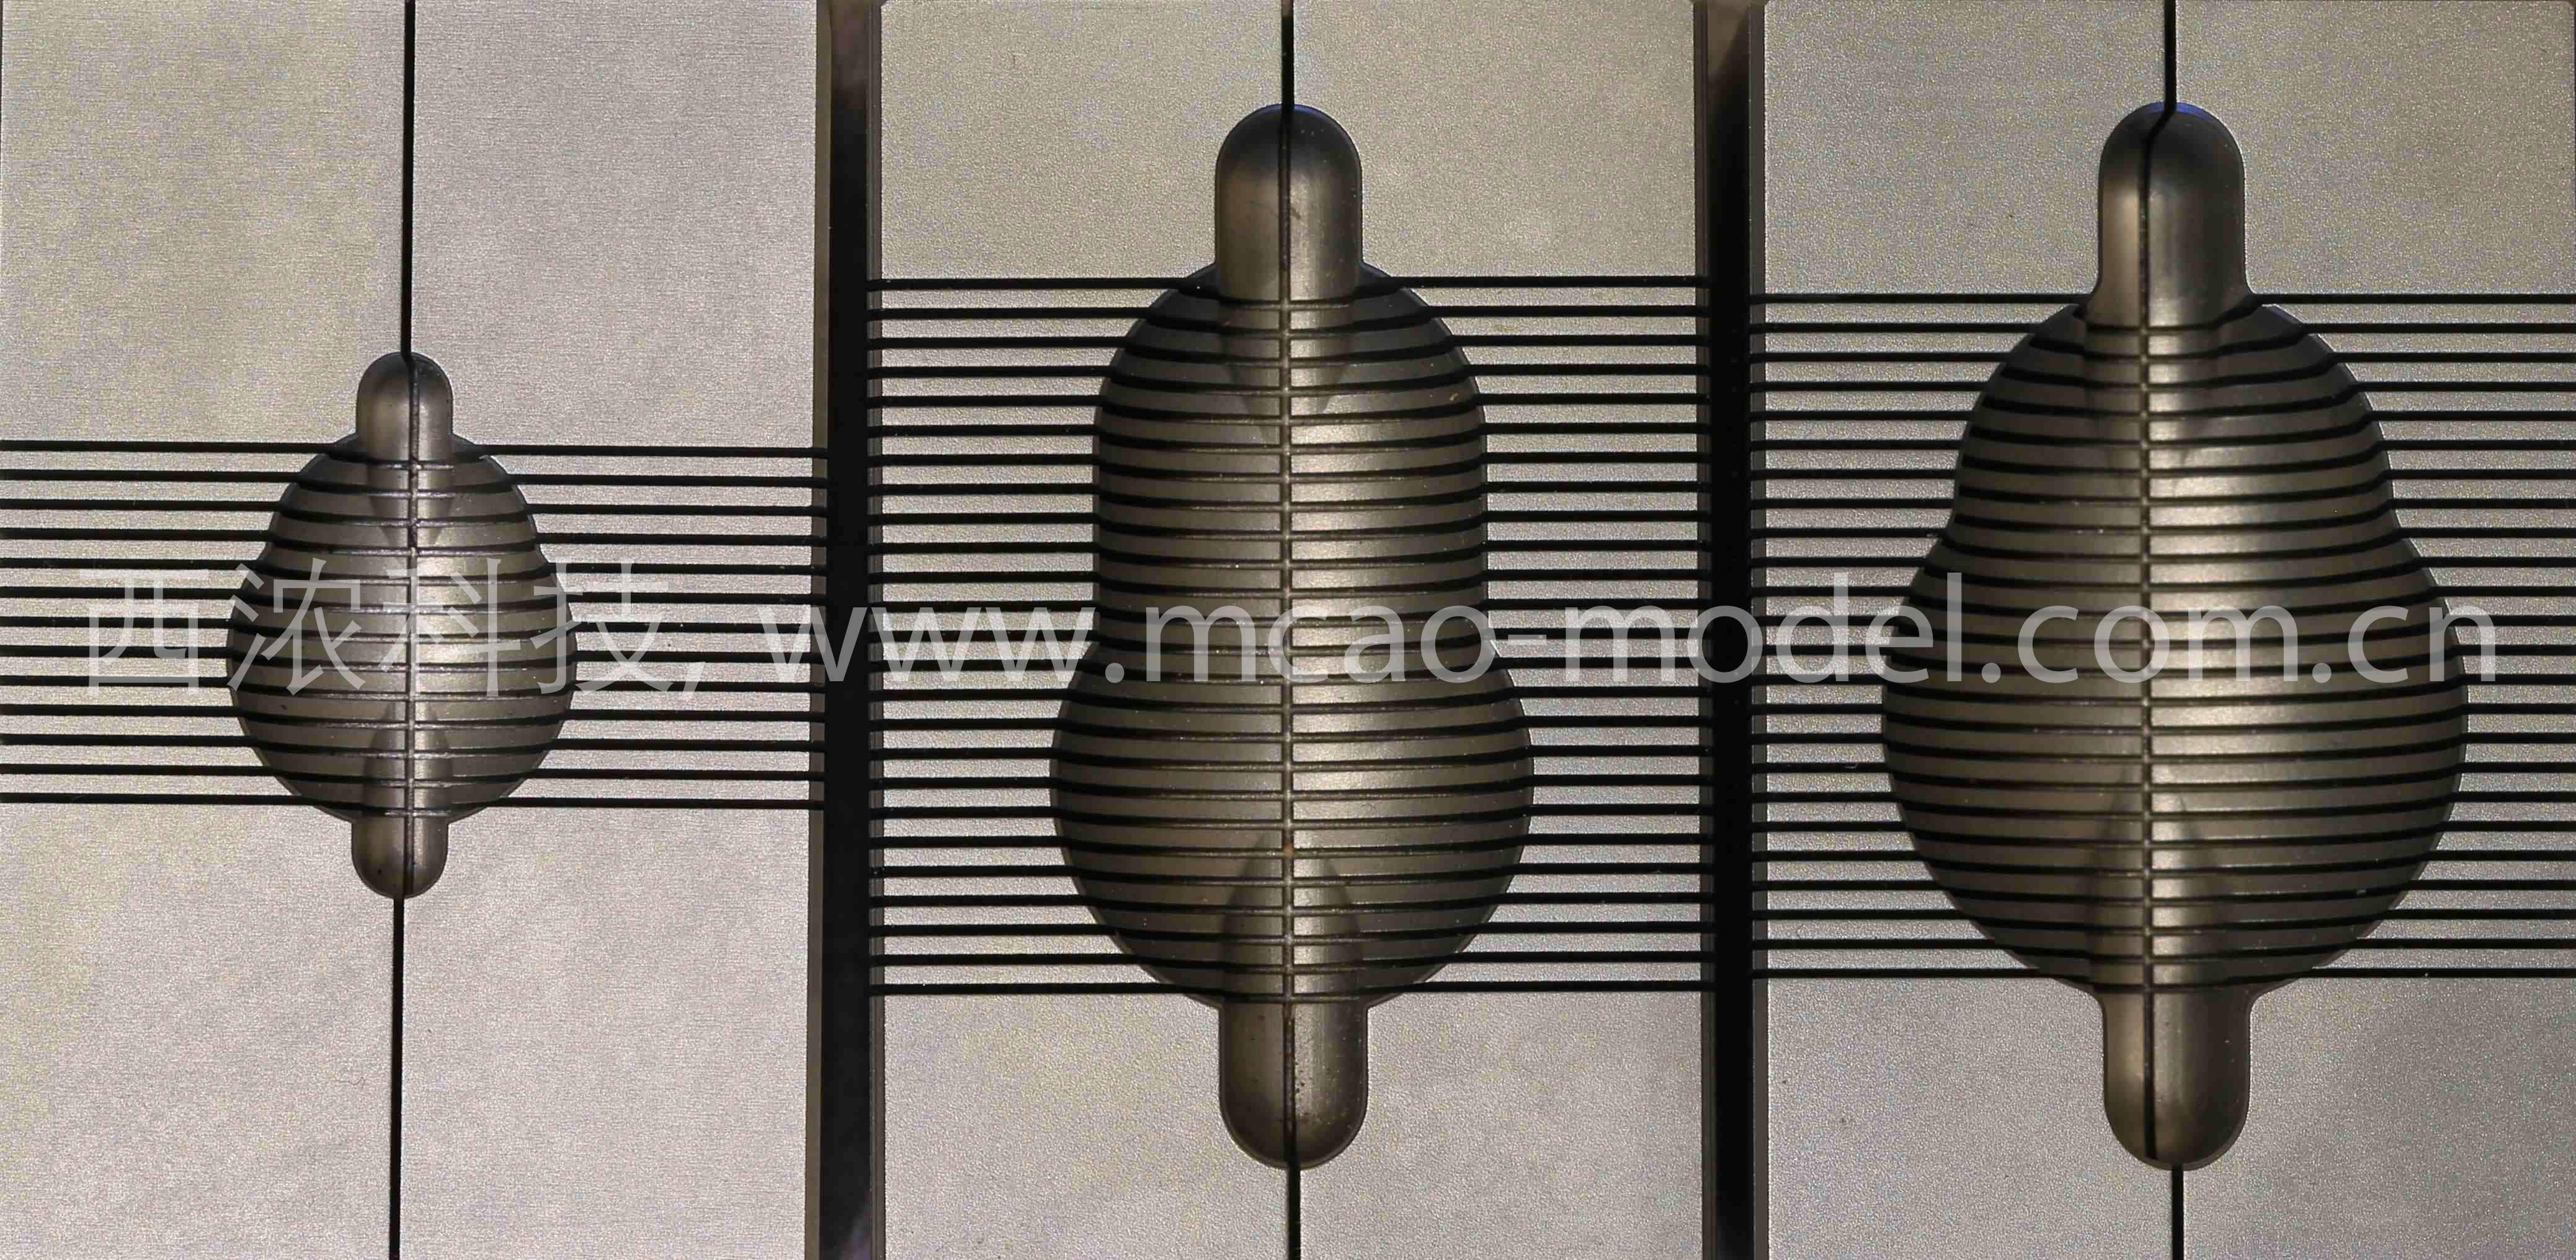 大鼠脑切片模具(300-600g矢状切片)